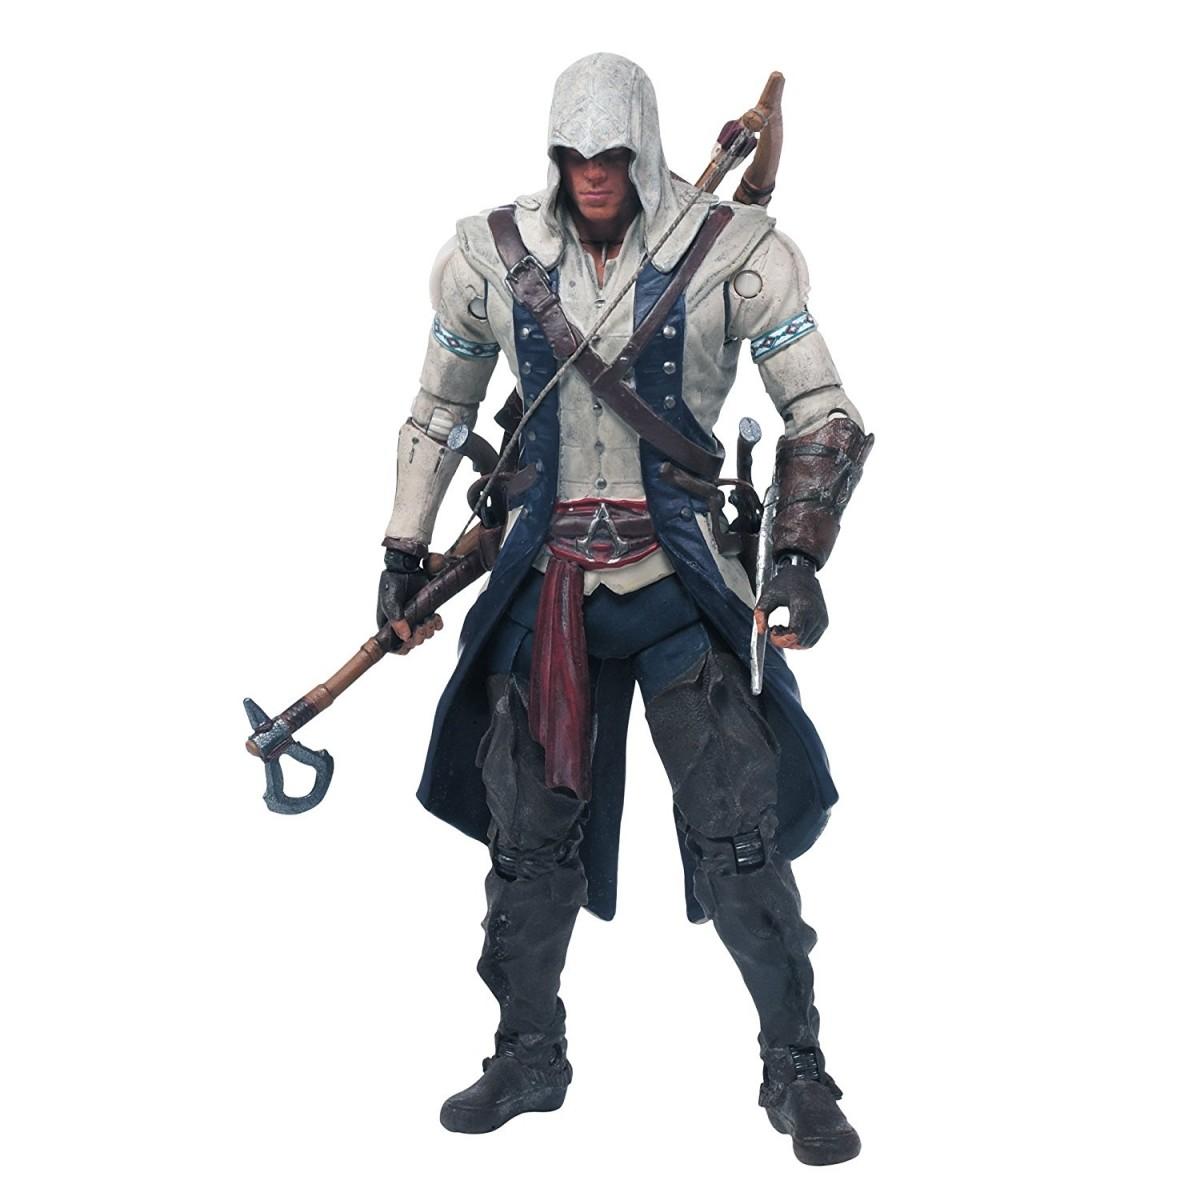 Boneco Connor: Assassin's Creed - McFarlane